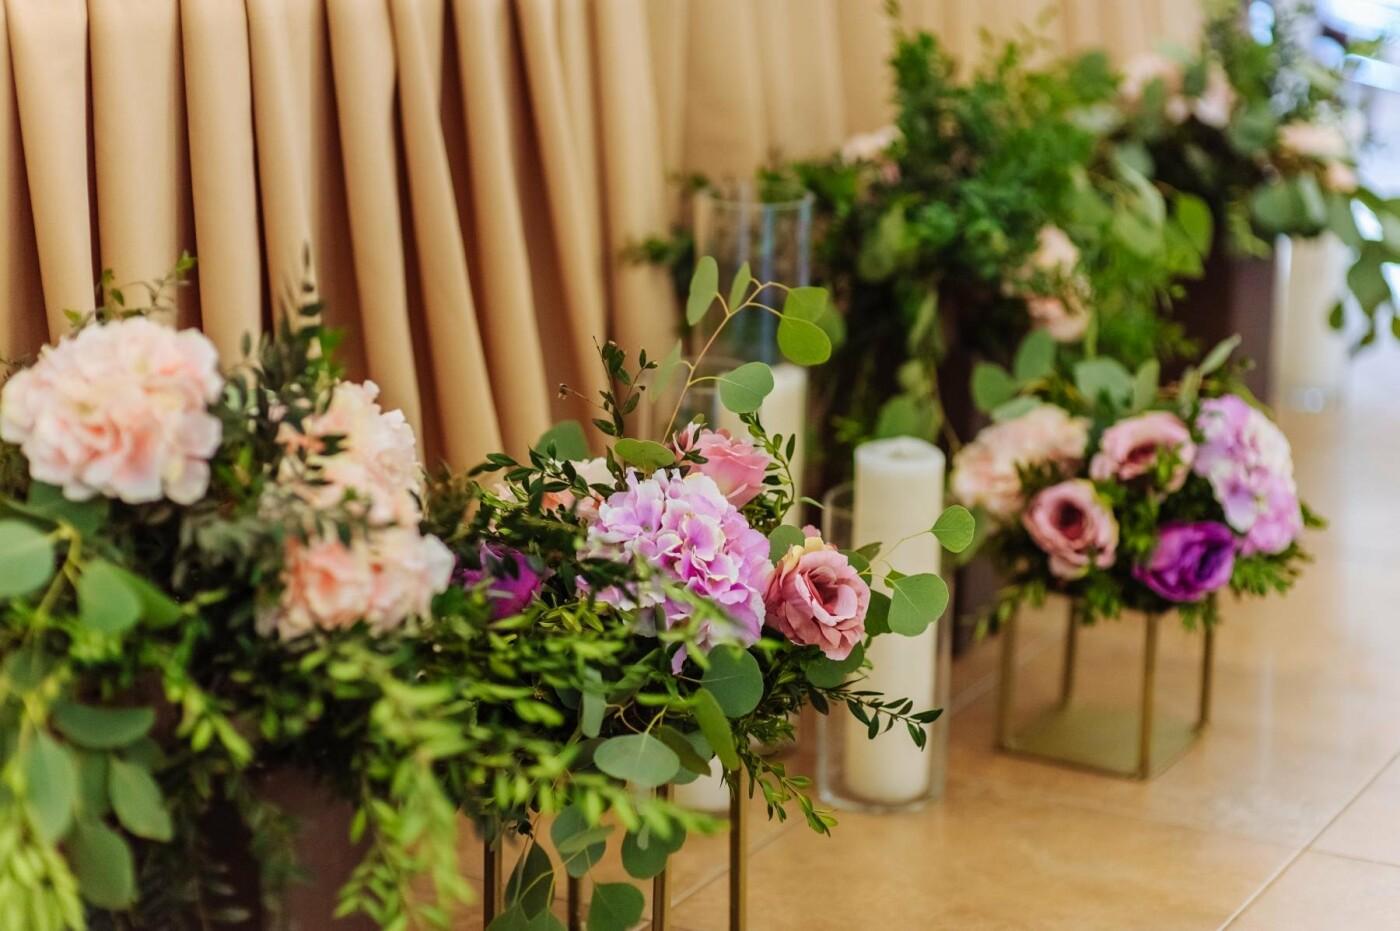 28 января в ресторане ВиМарко пройдет мастер-класс для невест от агентства Marry Me, фото-2